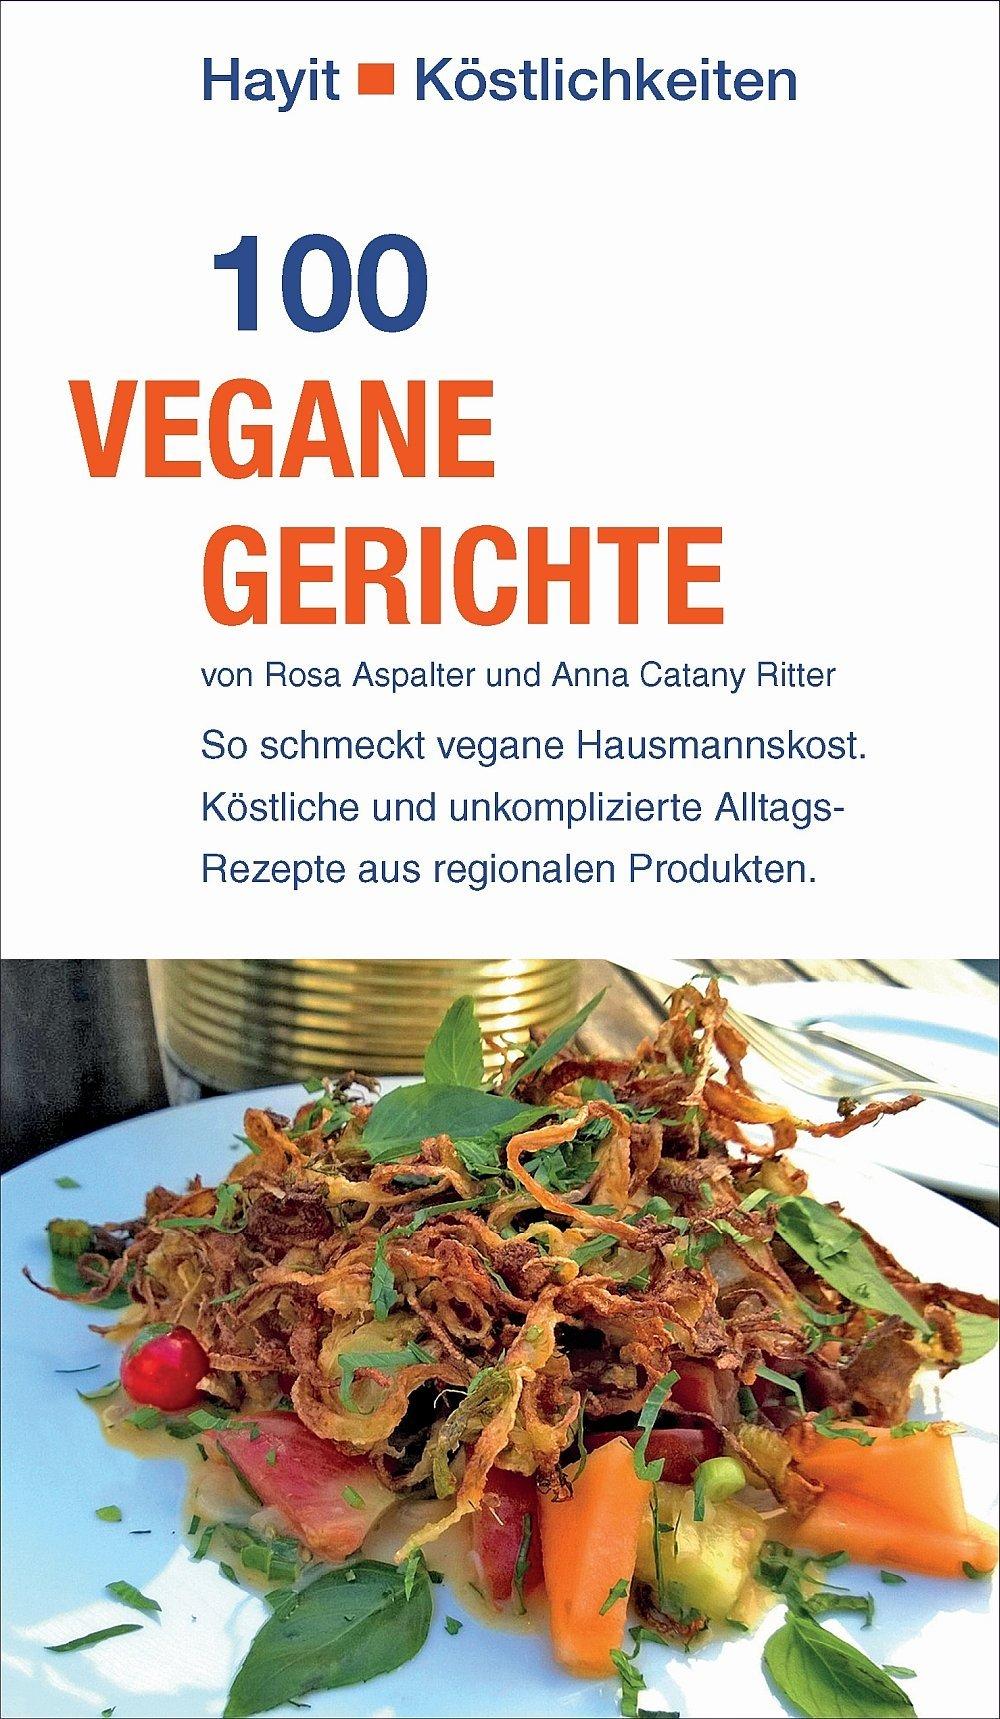 100 vegane Gerichte - Hayit-Shop